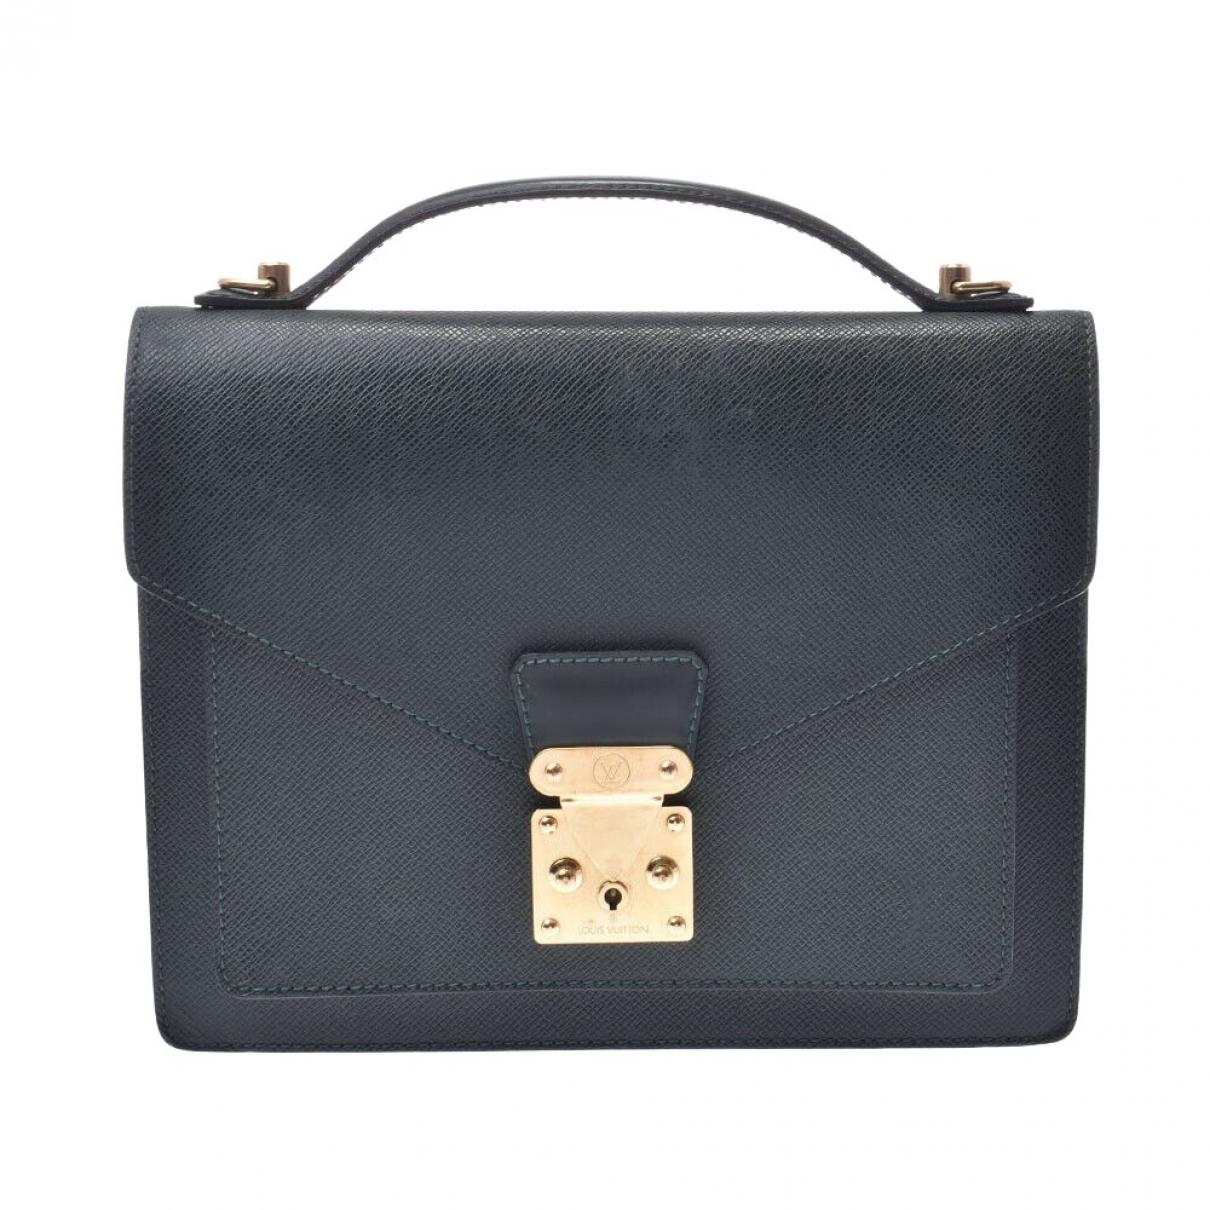 Louis Vuitton Monceau Black Leather handbag for Women \N